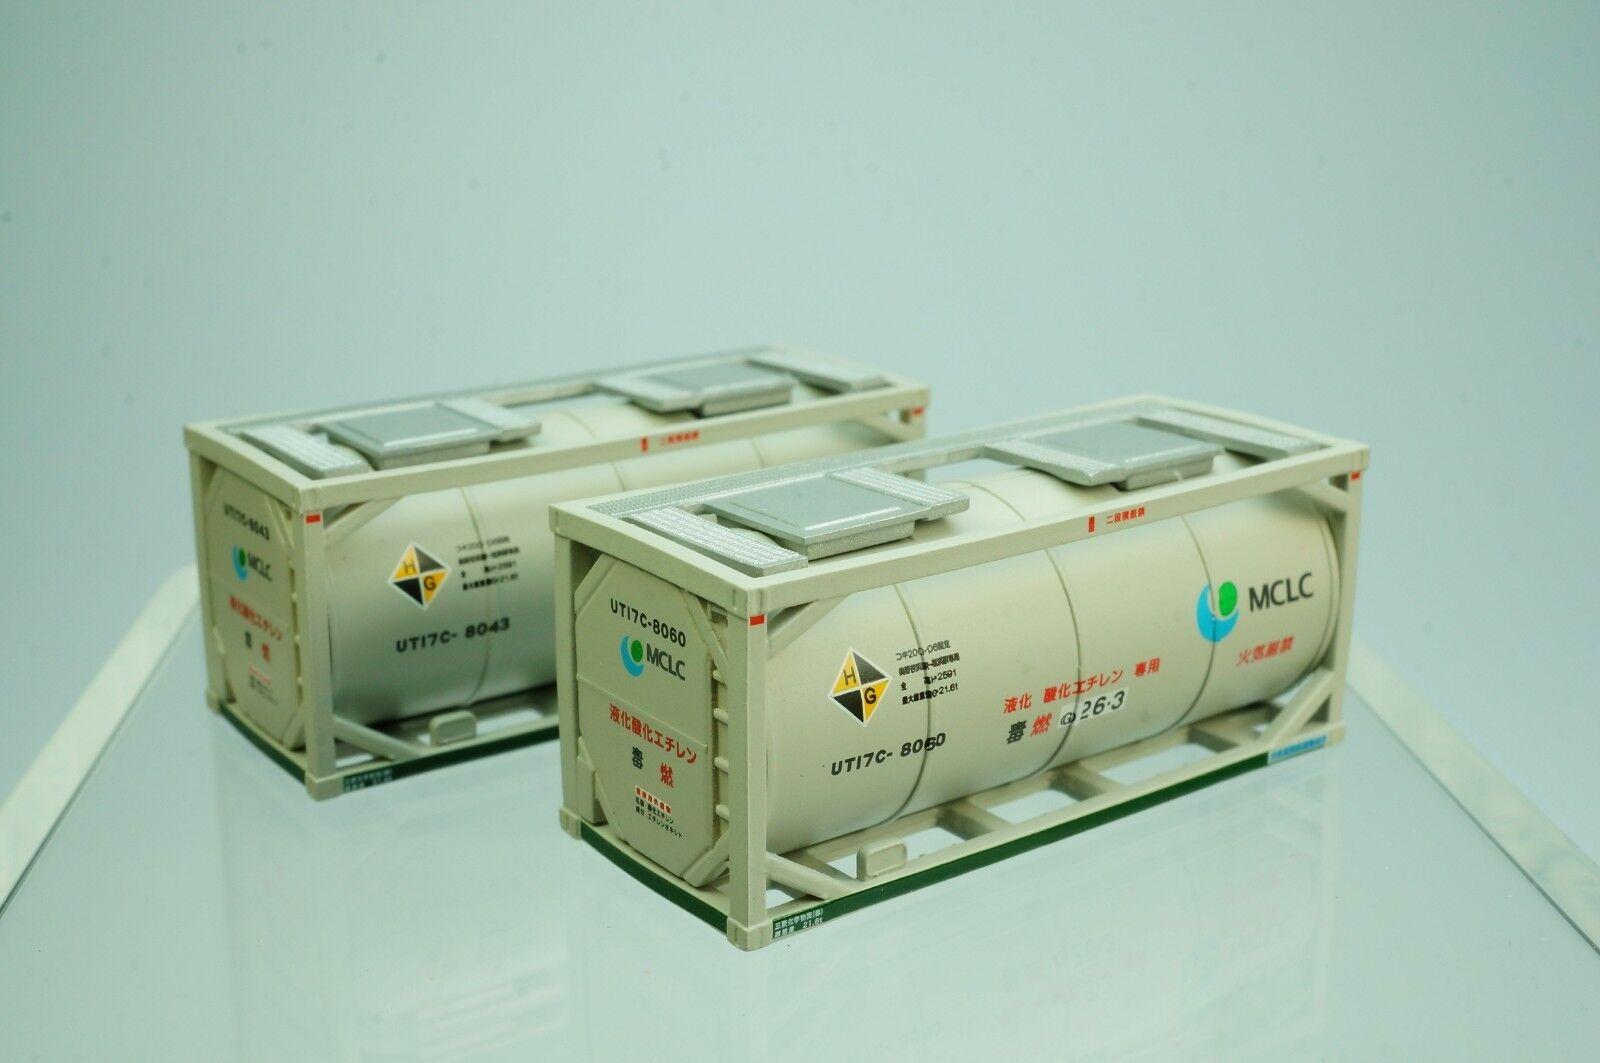 Popondetta 8518 20ft recipiente mclc 2 piezas (escala N)     nuevo